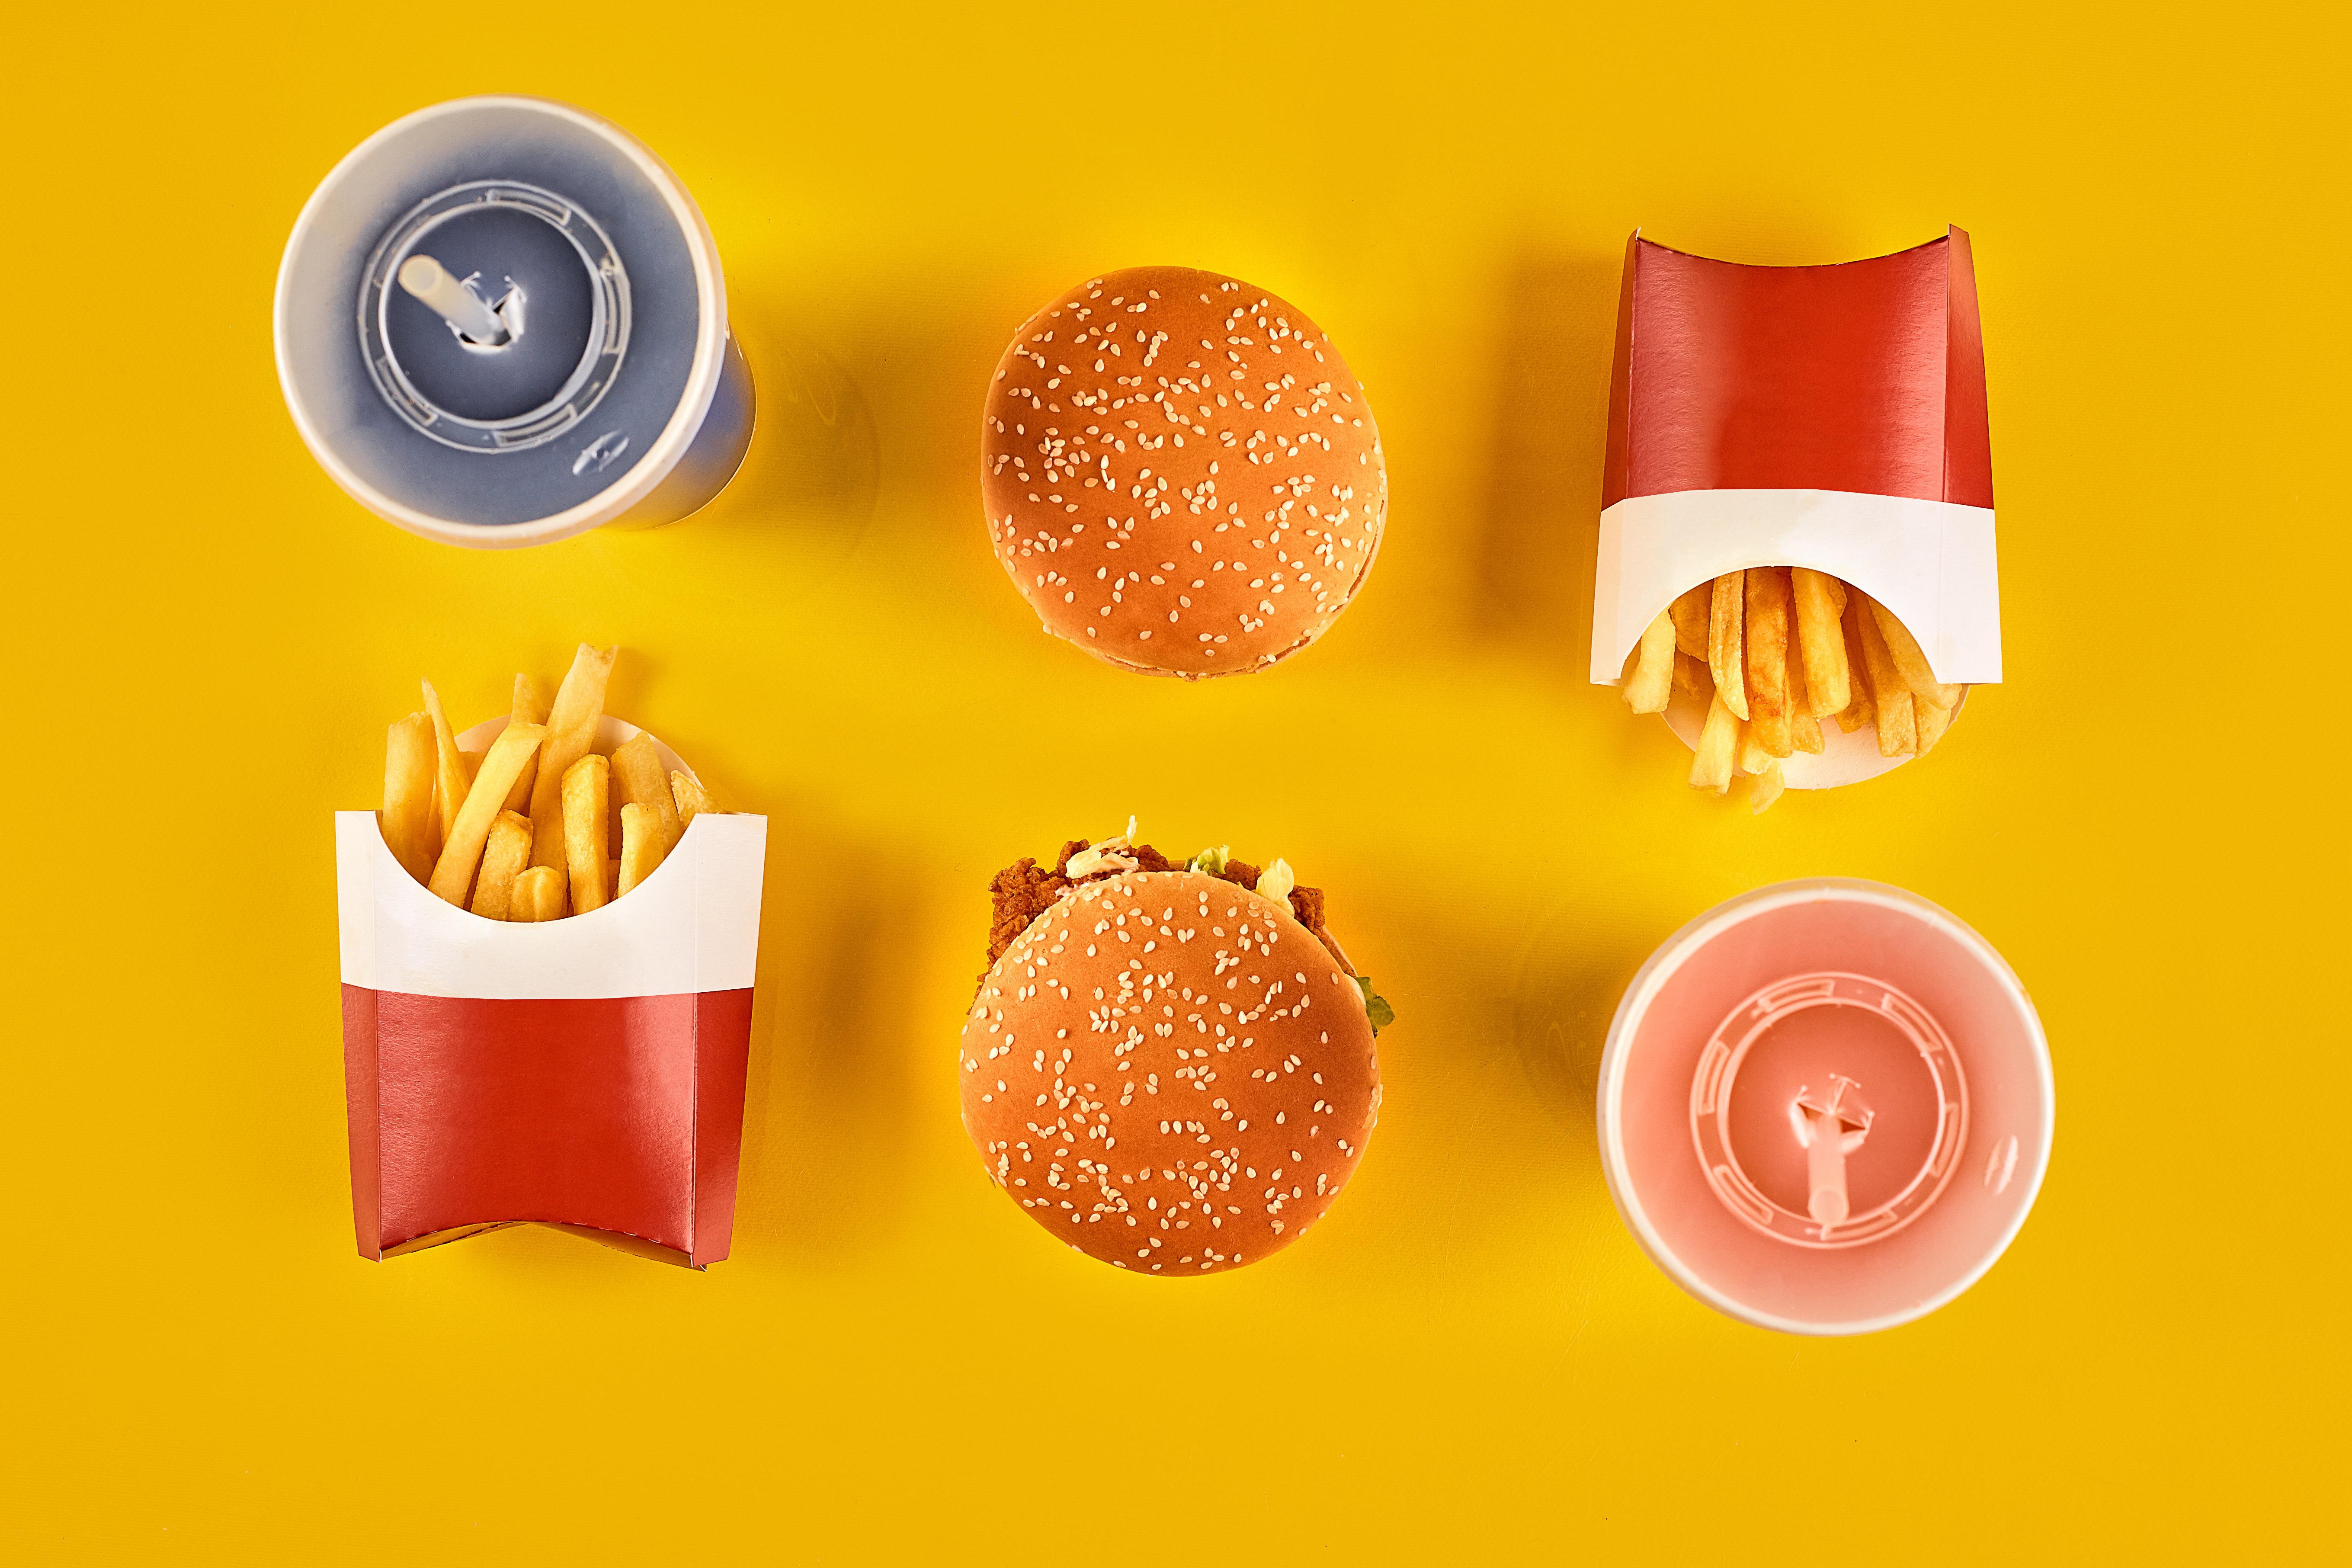 Quem come fast food também ingere substâncias químicas das